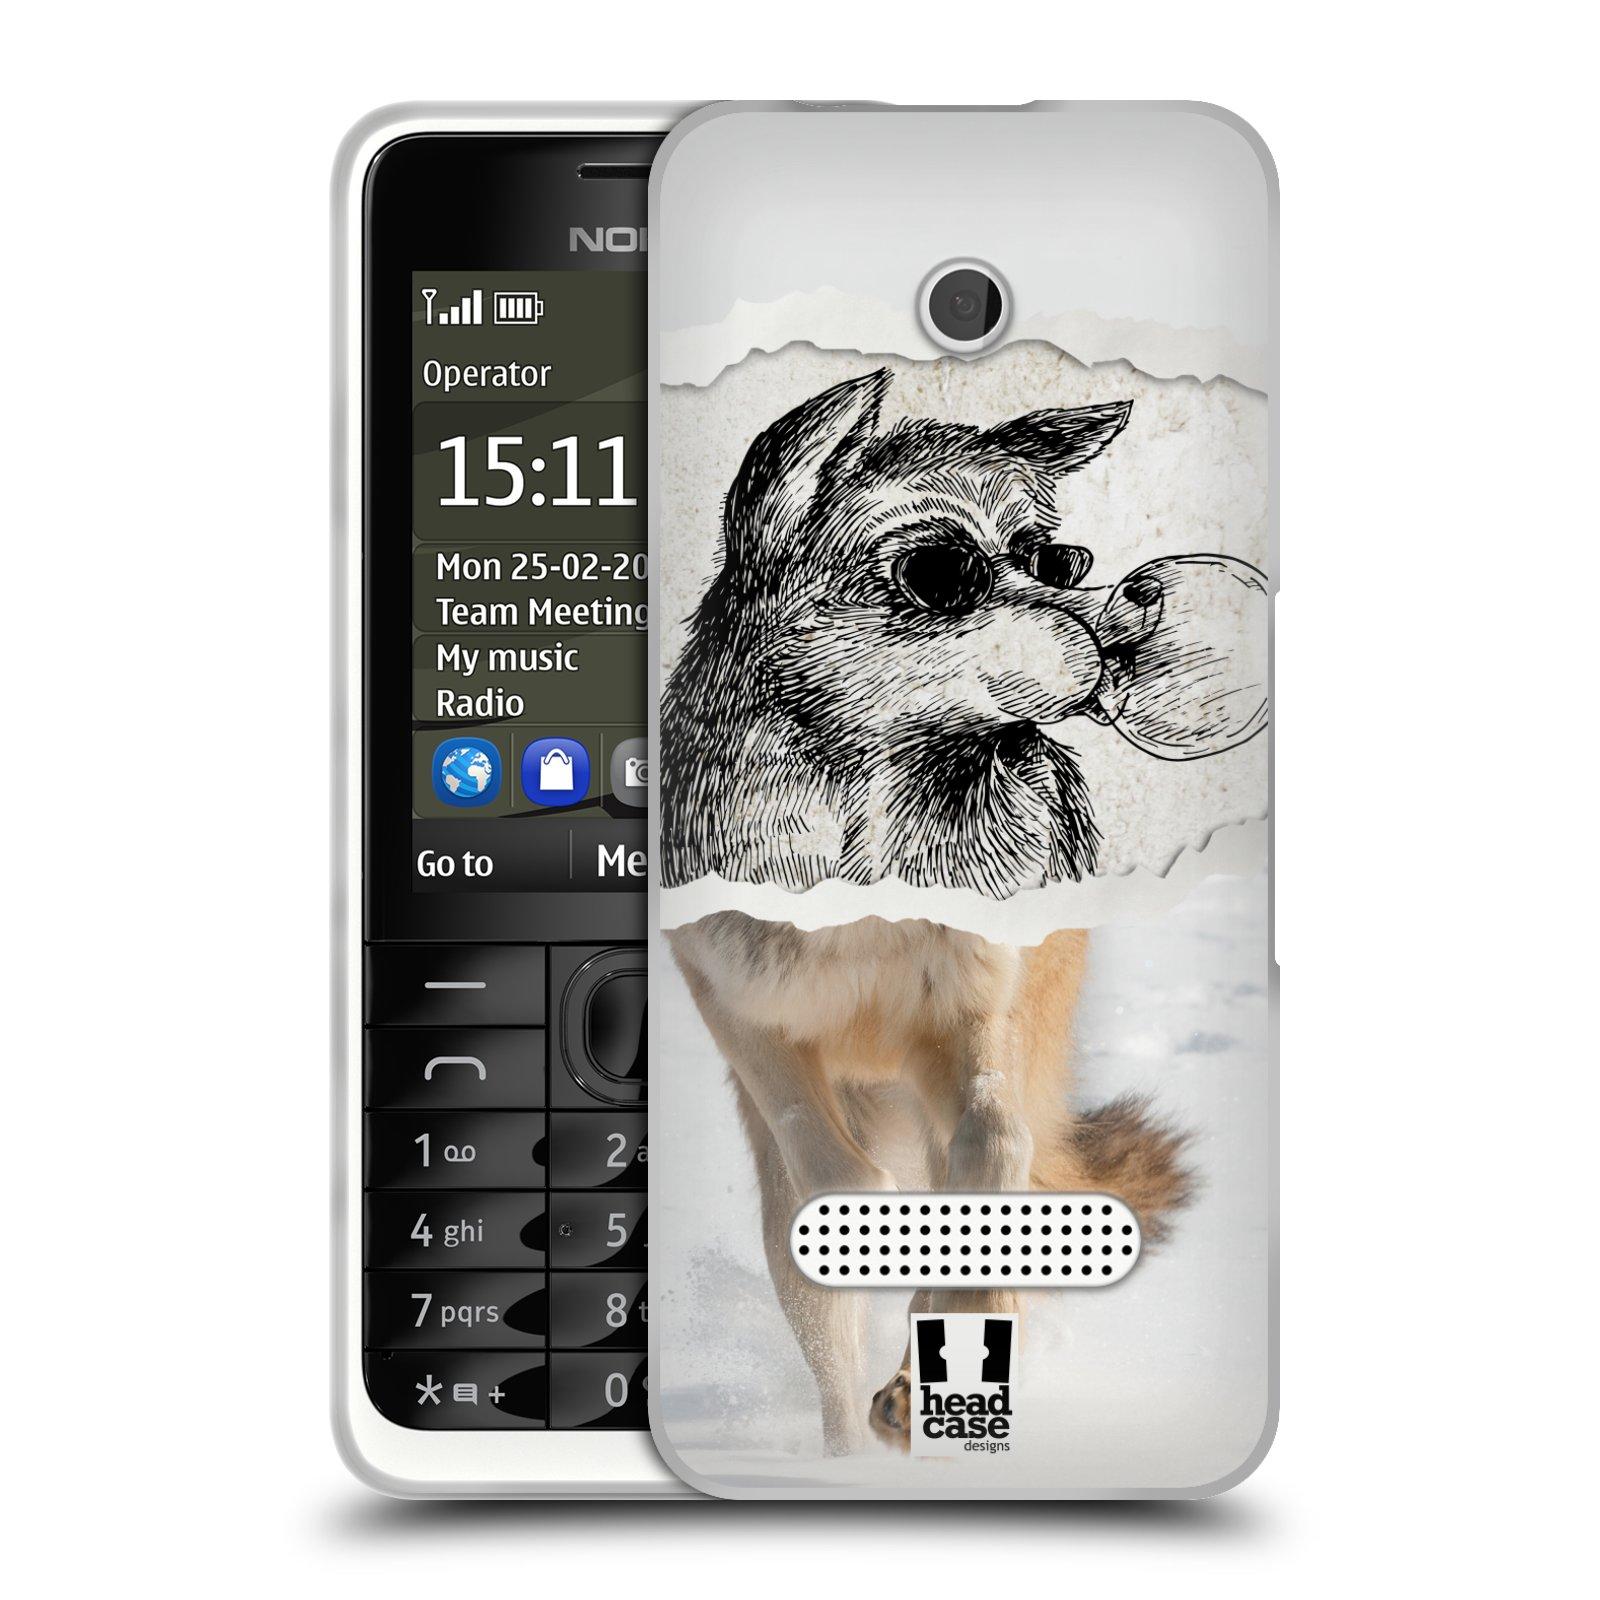 HEAD CASE silikonový obal na mobil NOKIA 301 vzor zvířata koláž vlk pohodář